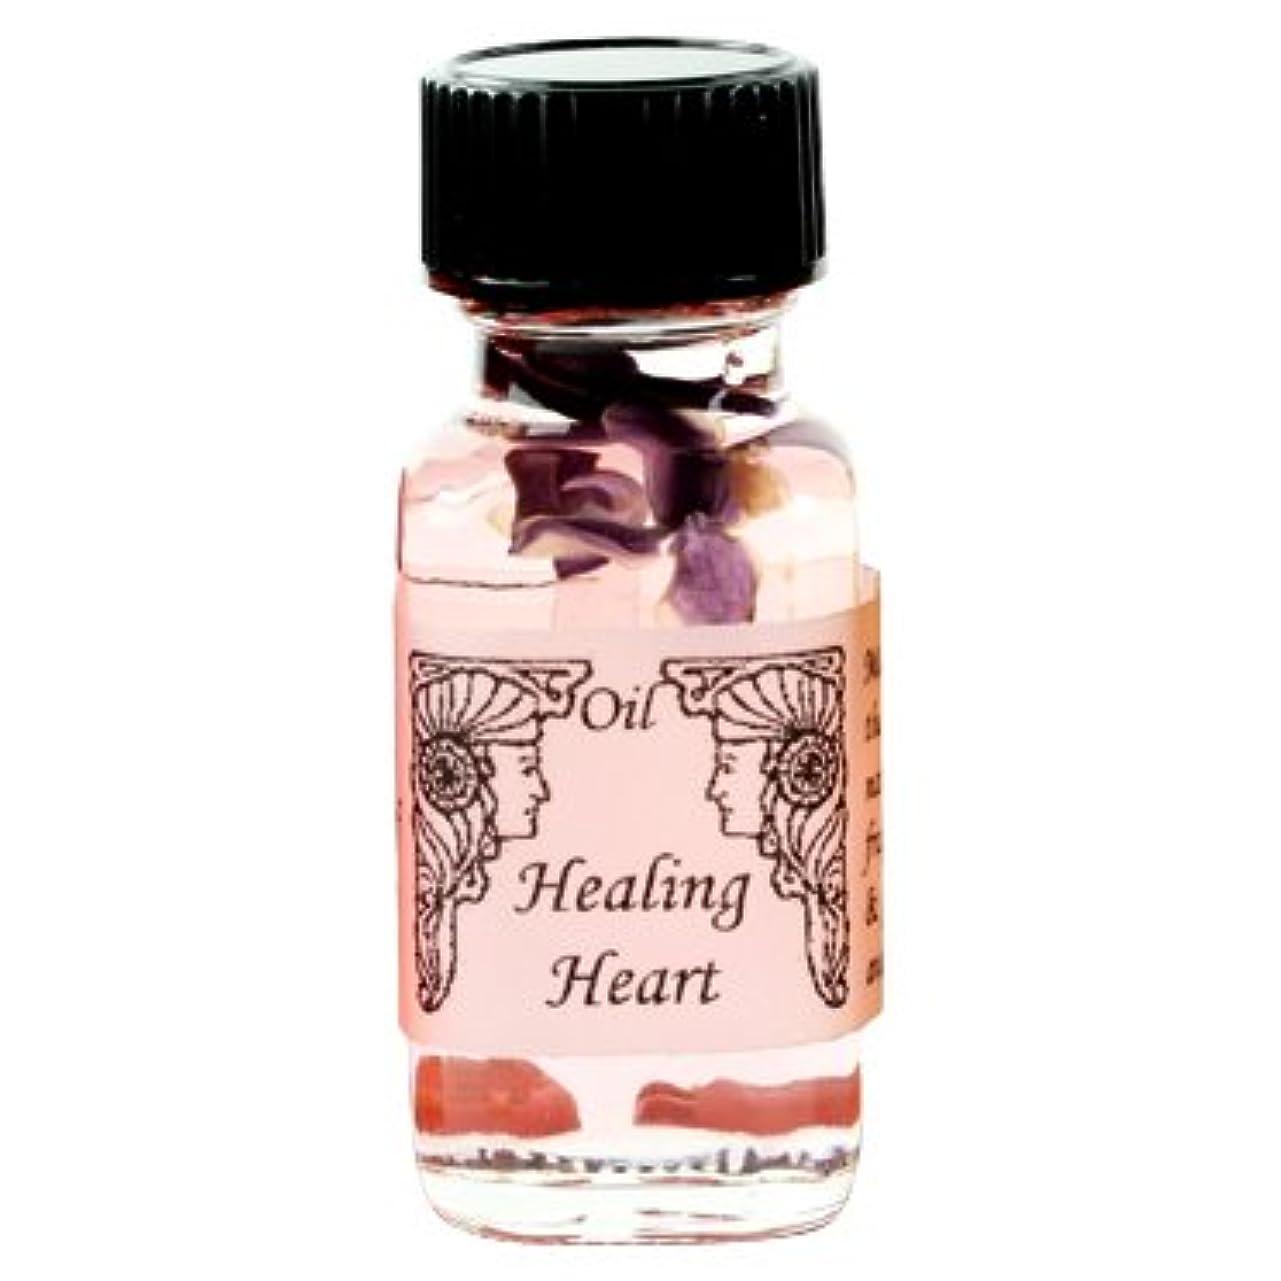 液化する道に迷いました芽アンシェントメモリーオイル ハートヒーリング Heart Healing 15ml (Ancient Memory Oils)